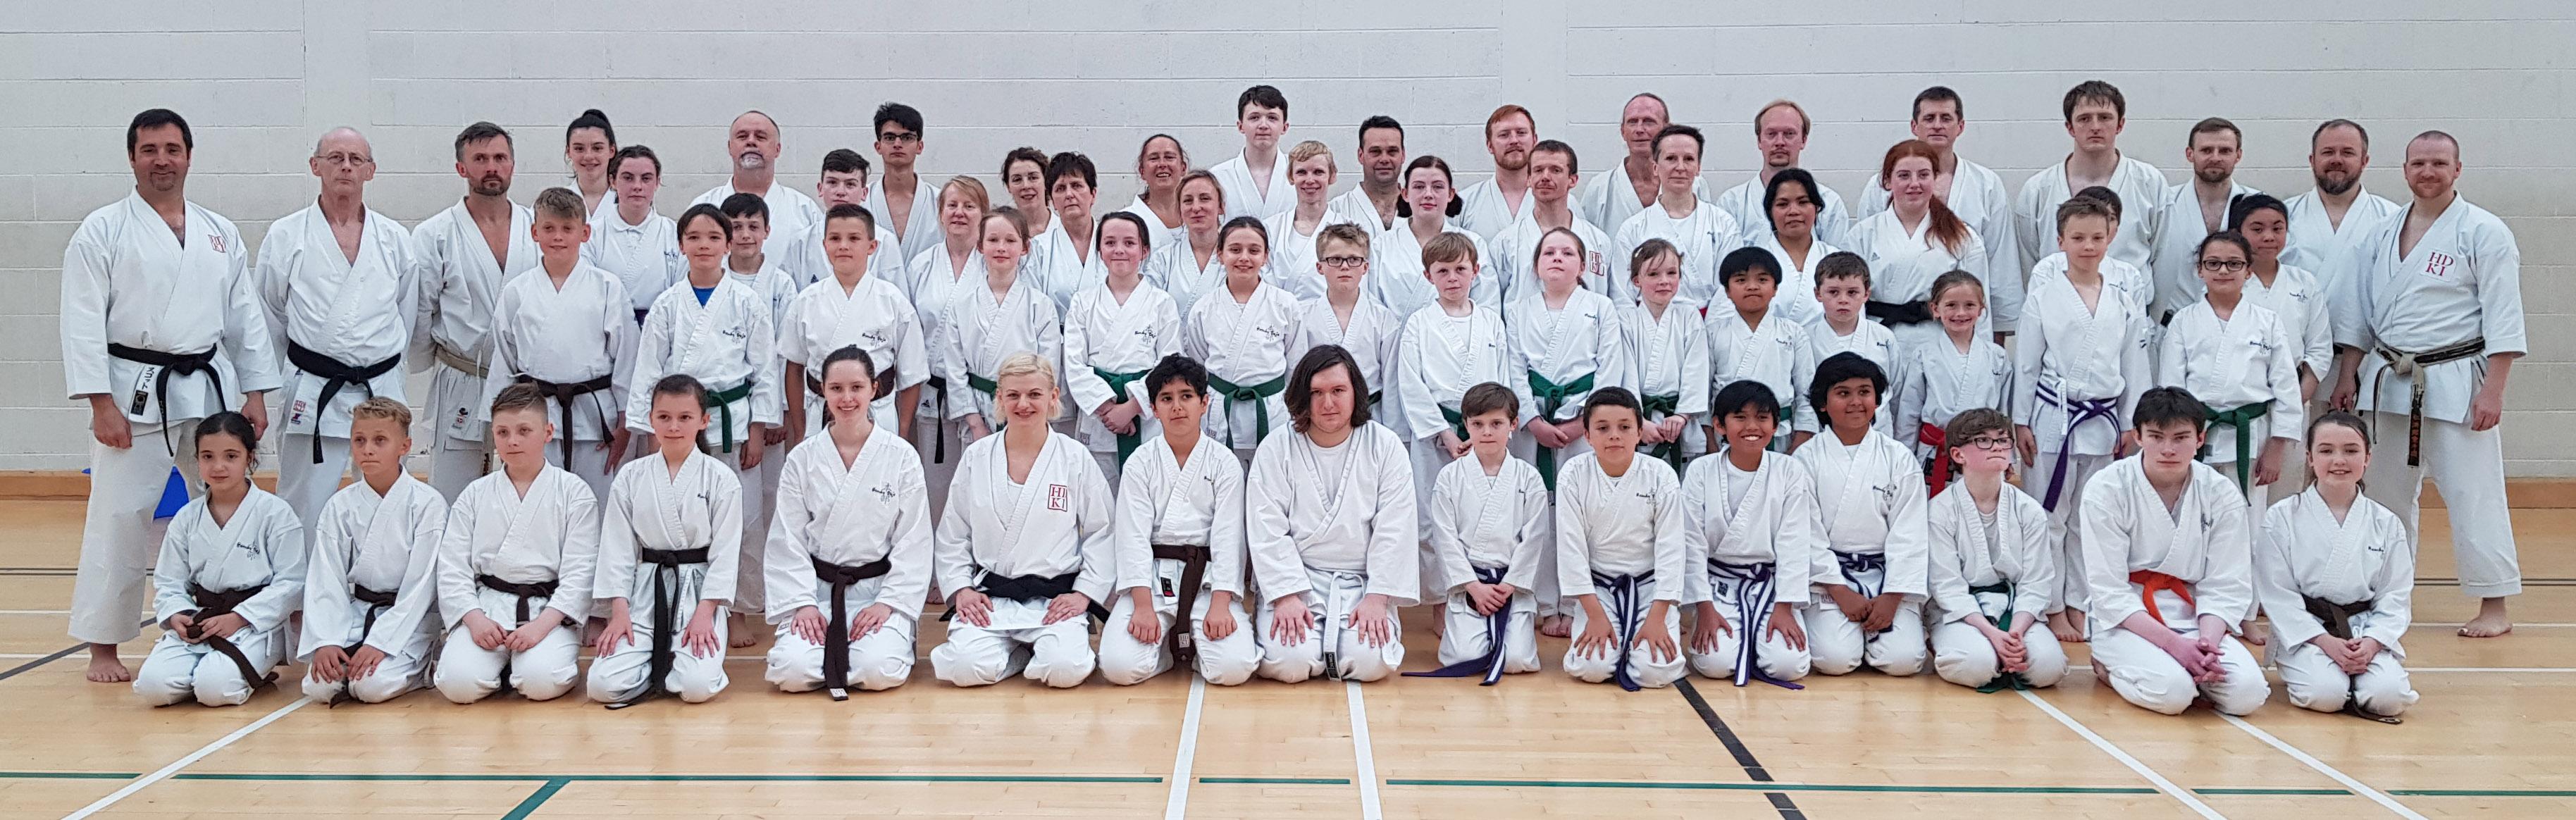 Hombu Dojo Karate